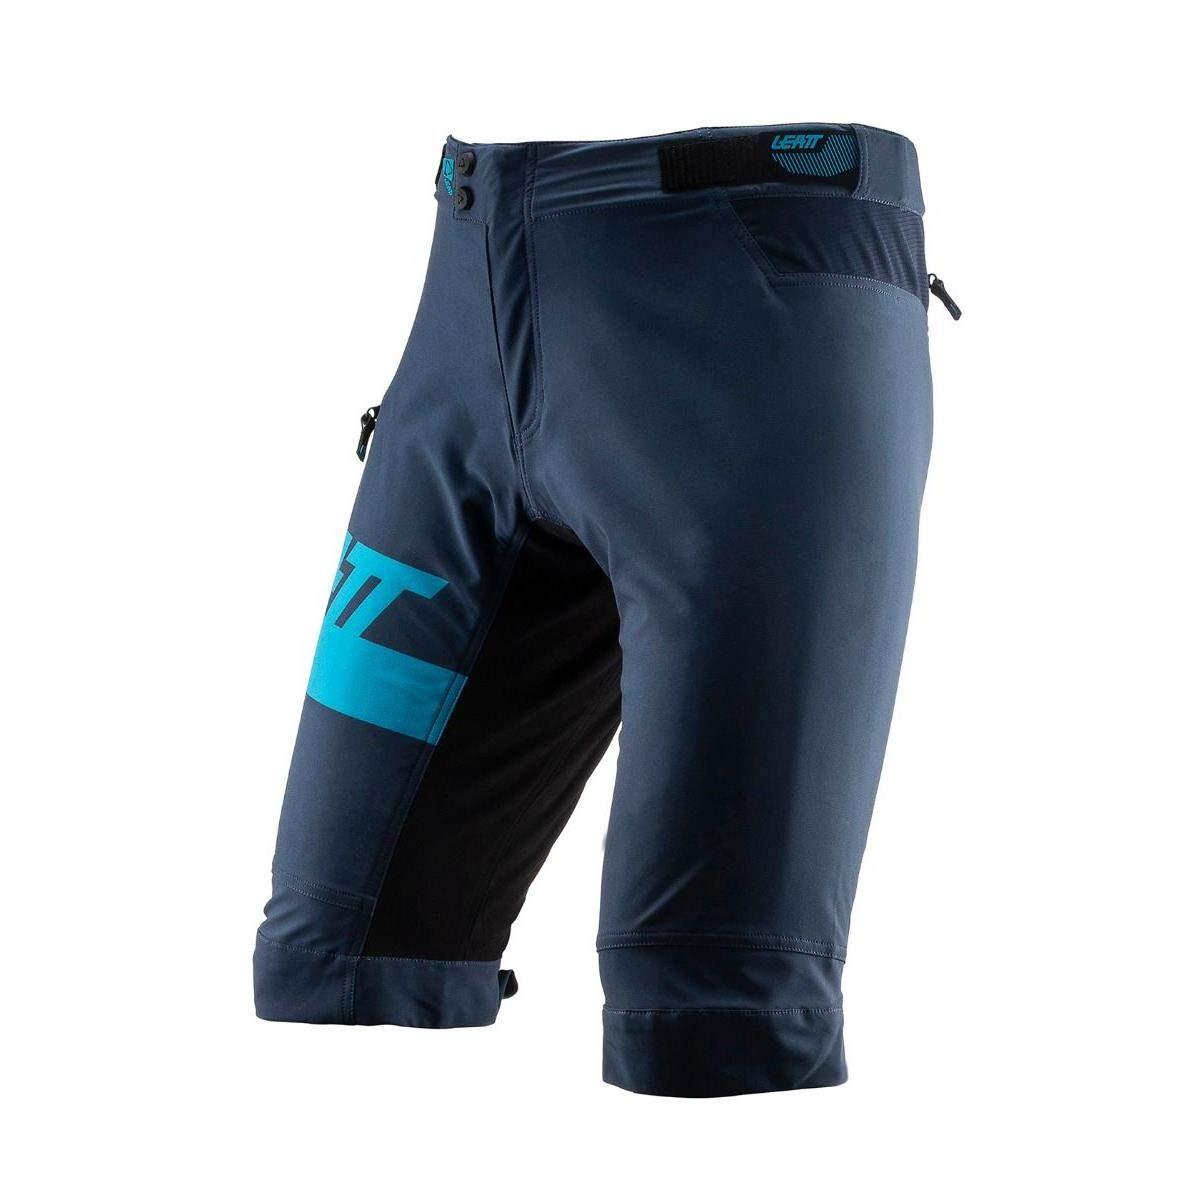 Leatt Downhill-Short DBX 3.0 Blau Gr. S